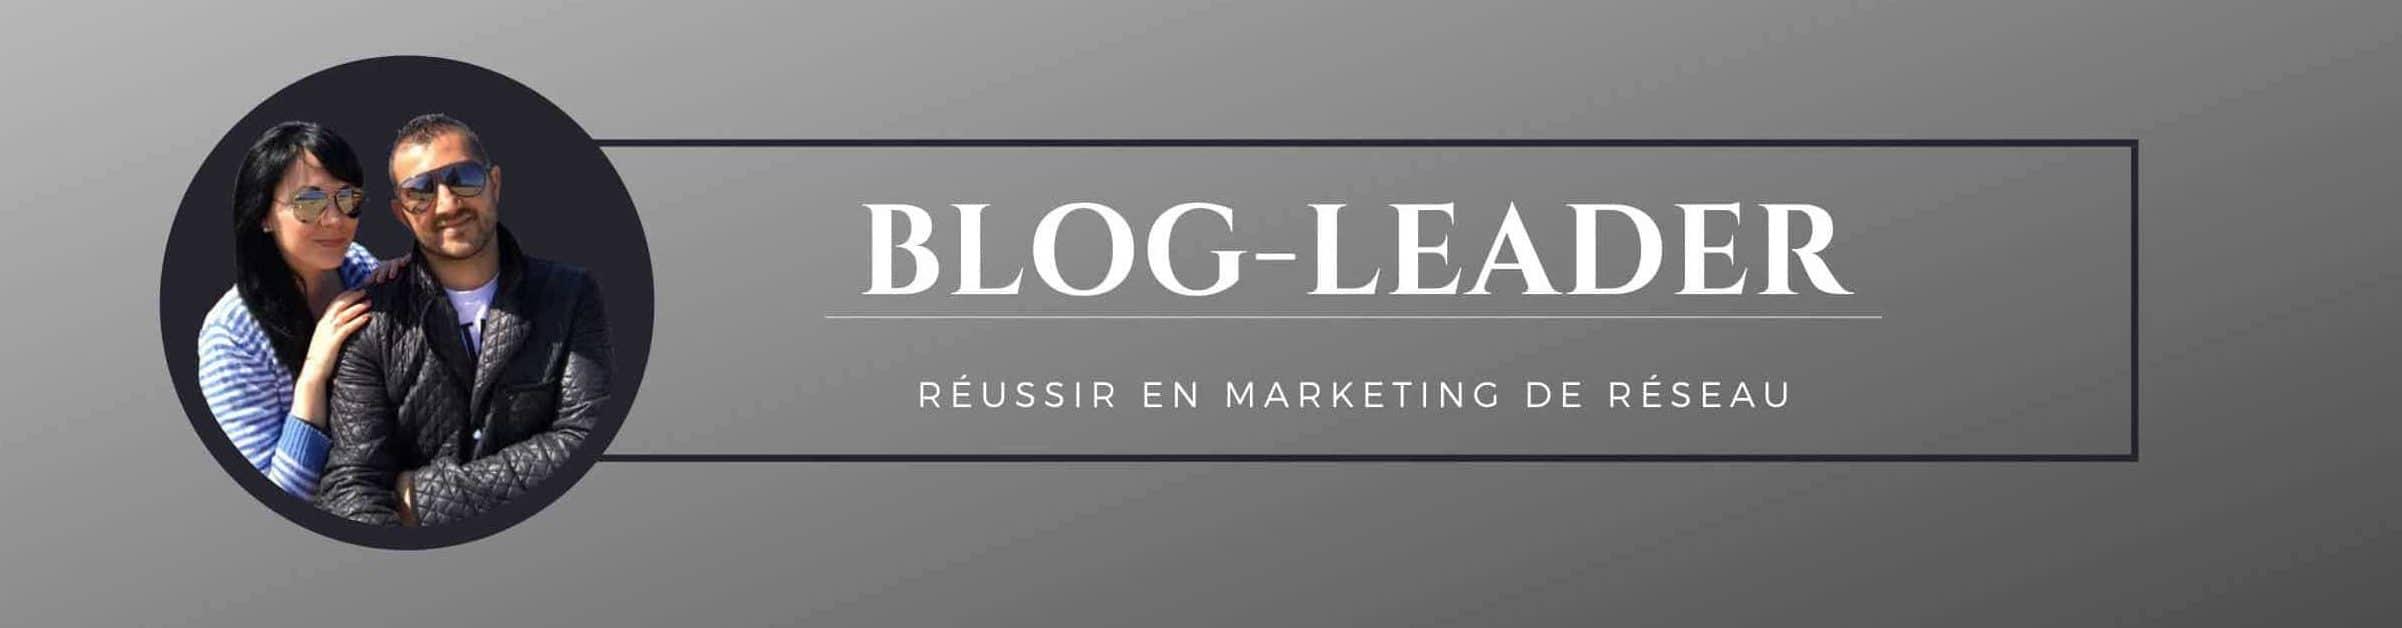 blog-leader mlm